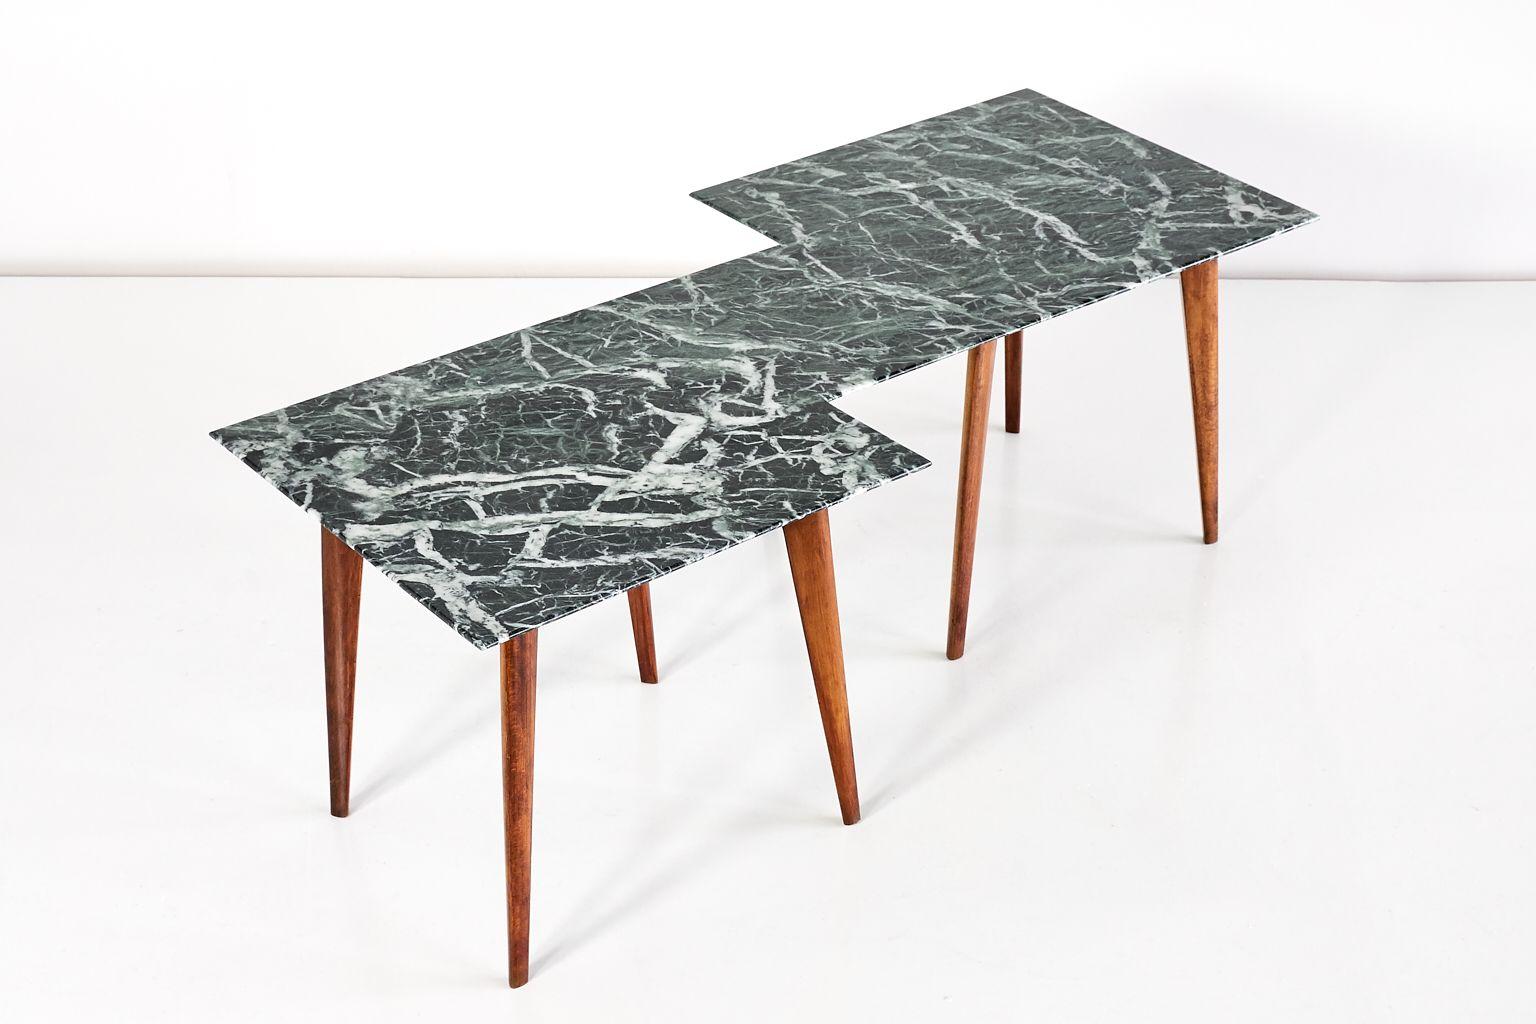 Table basse g om trique avec plateau en marbre vert for Table basse scandinave vert d eau